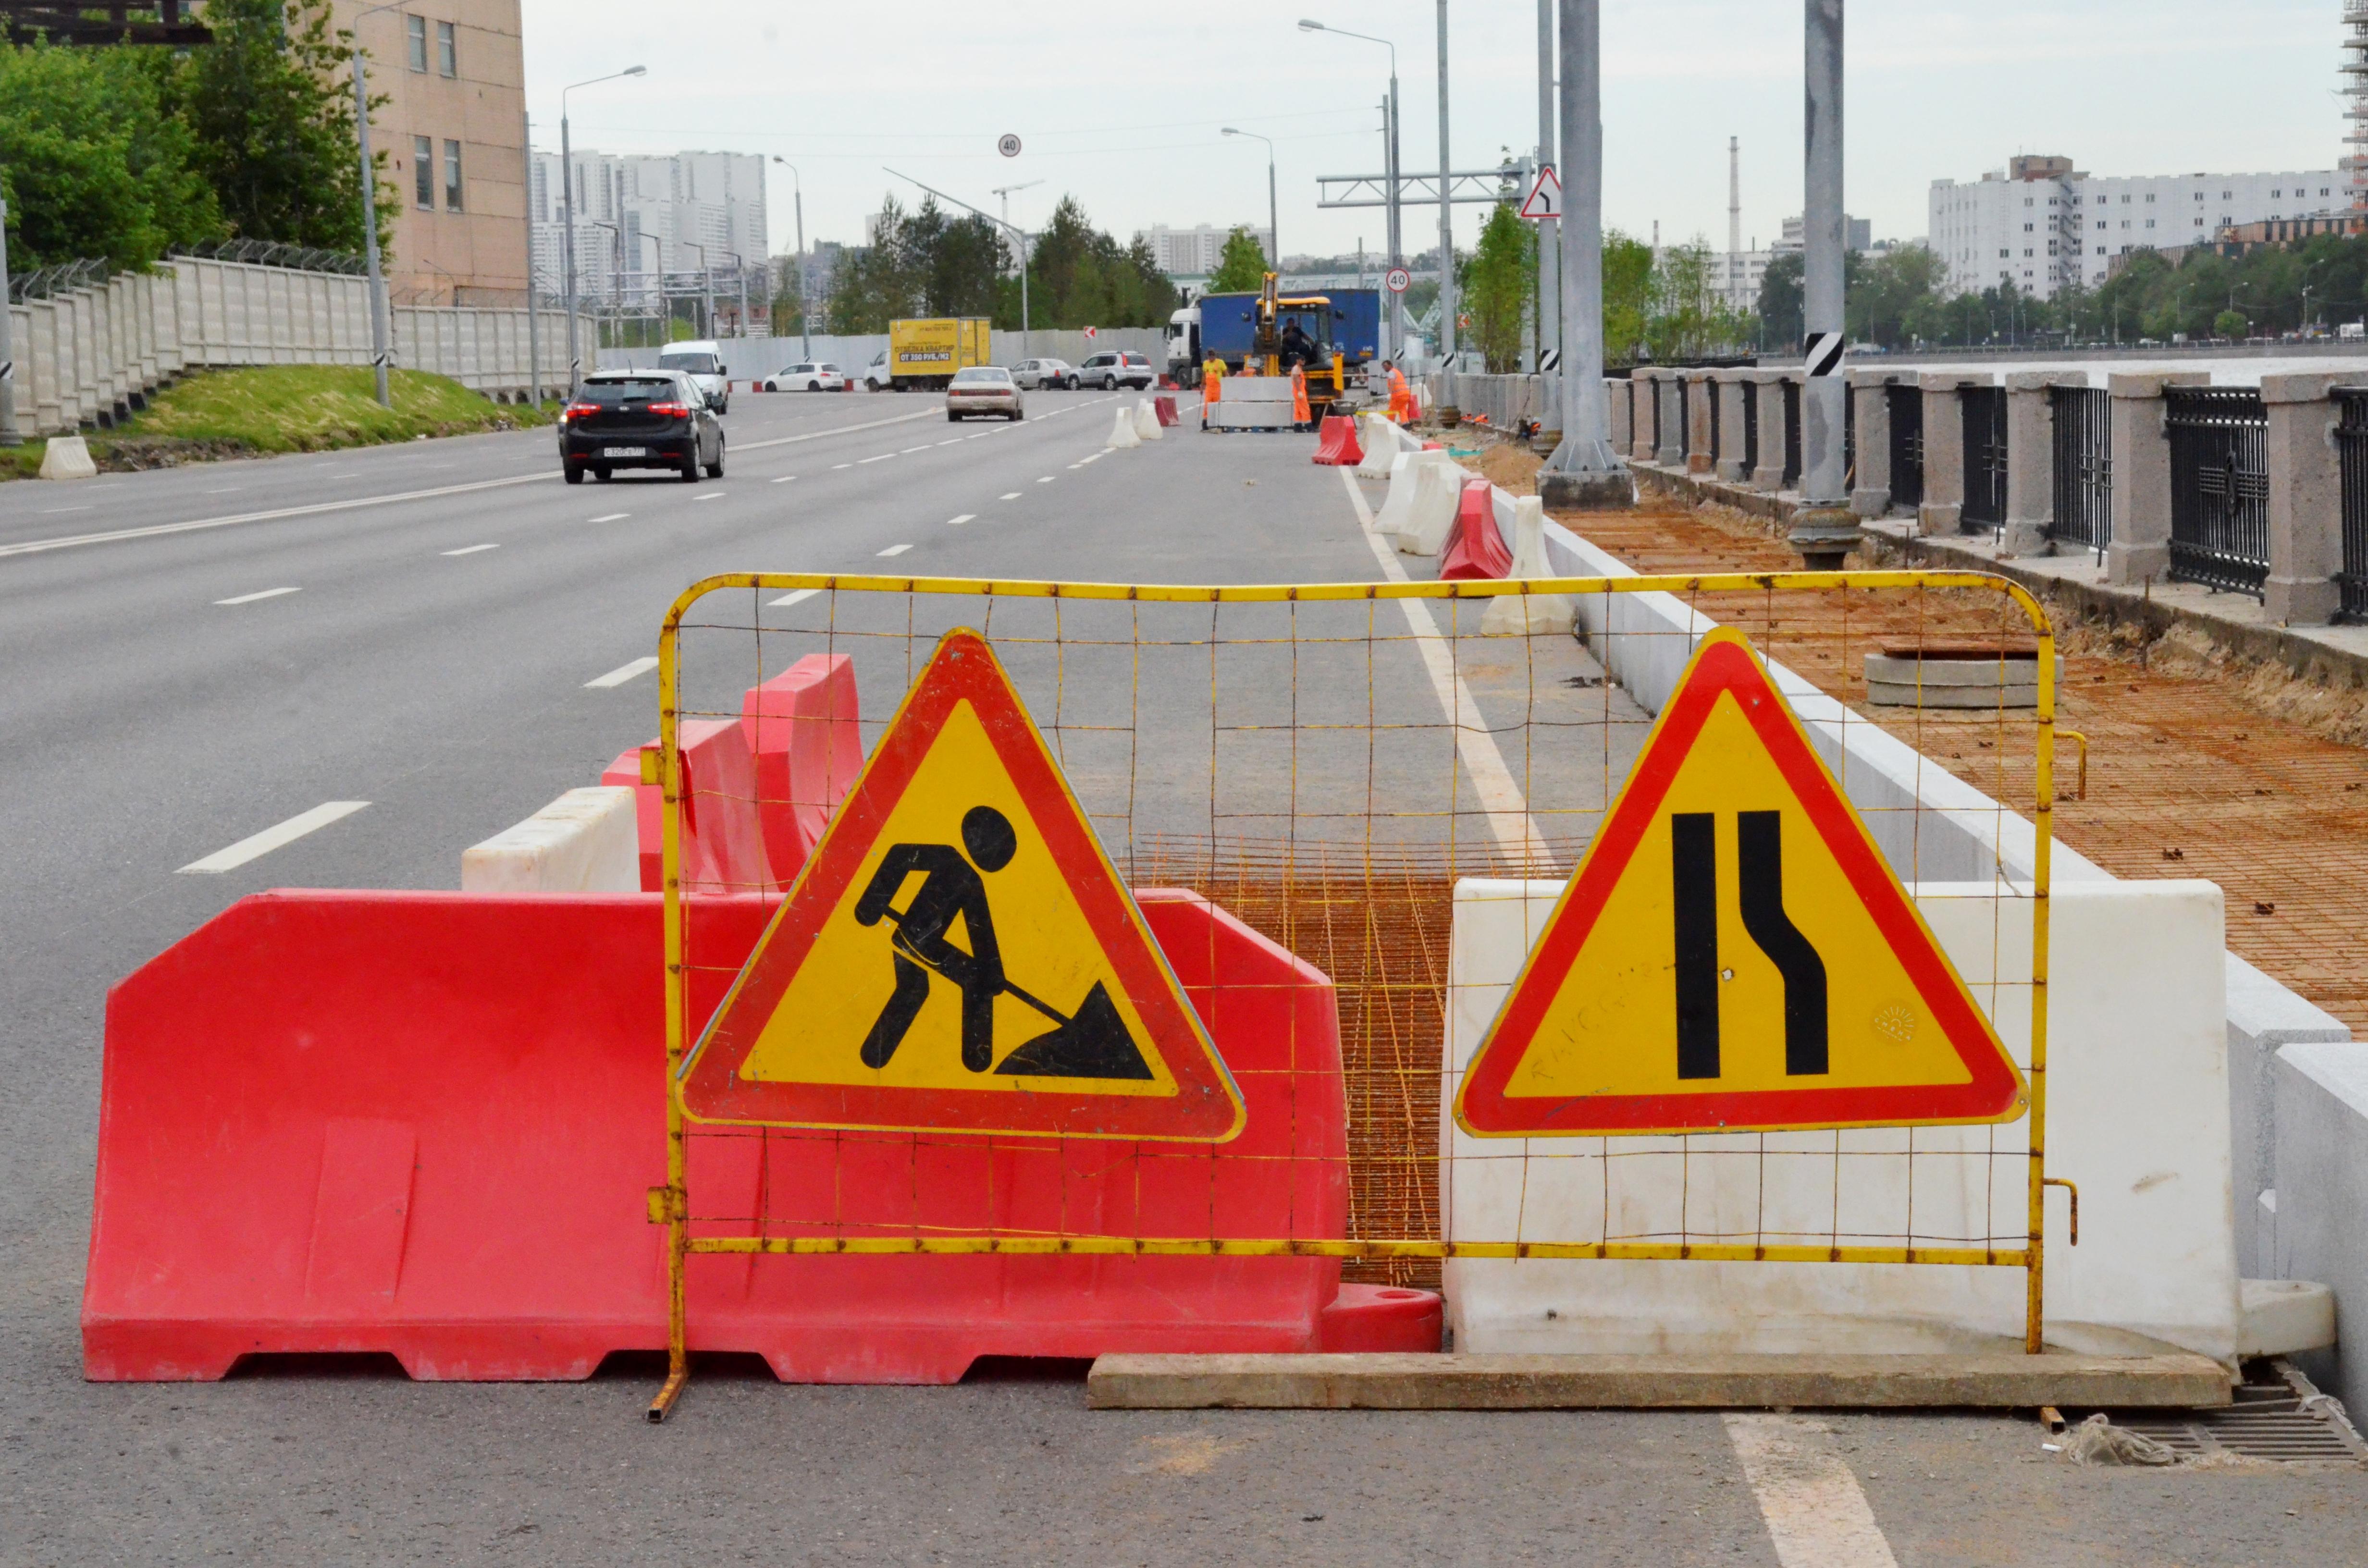 Стартовал финальный этап строительства автодороги М3 «Украина» — Середнево — Марьино — Десна